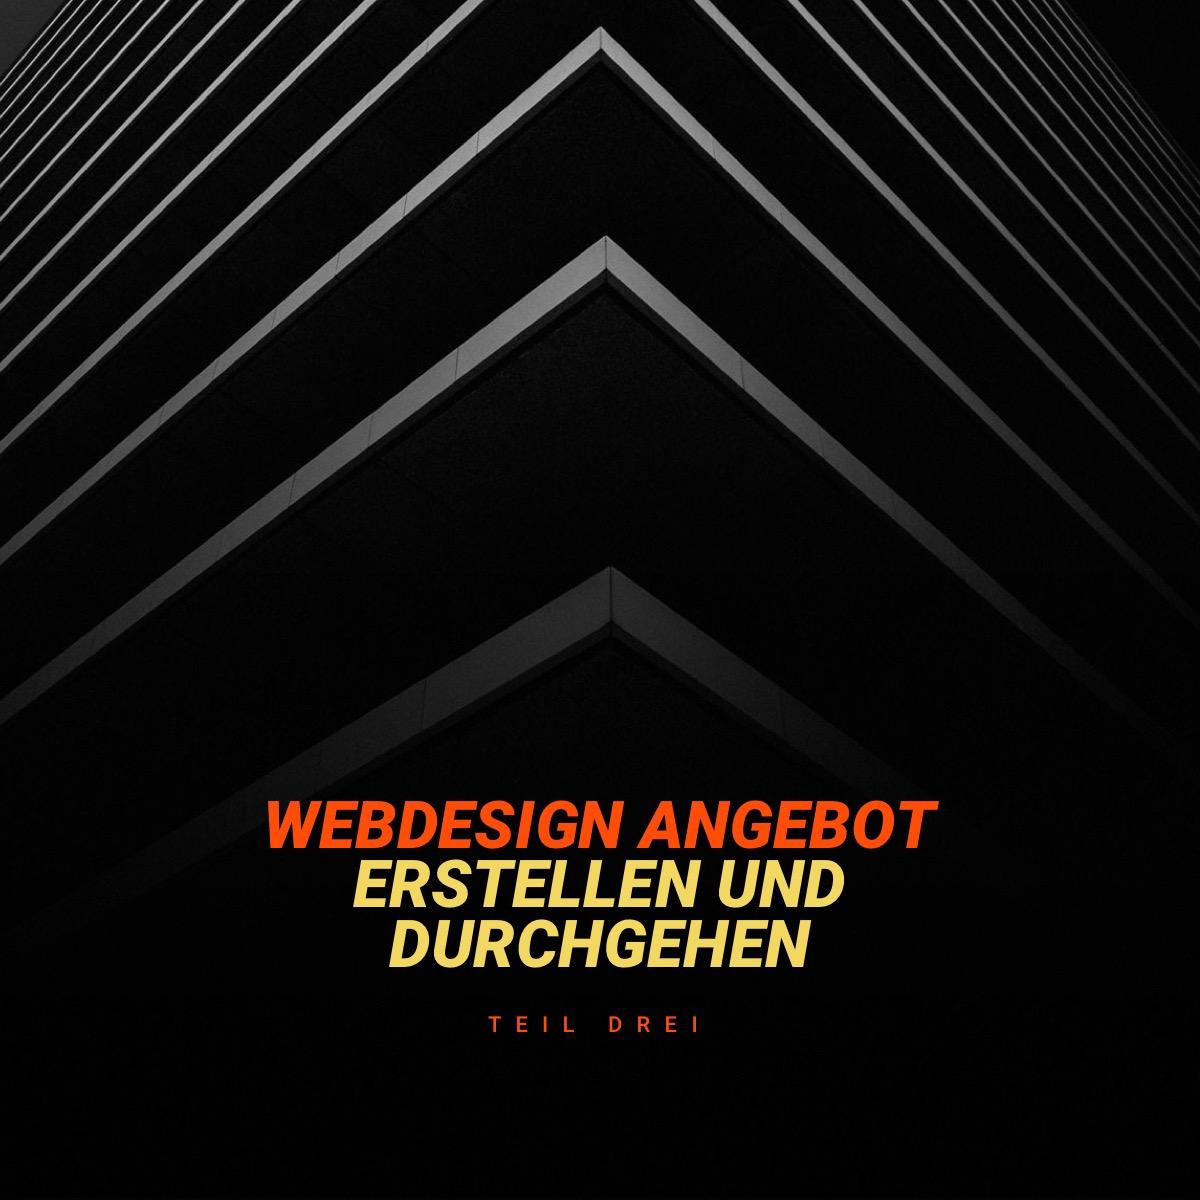 Ein Webdesign Angebot erstellen und durchgehen (Part 3)